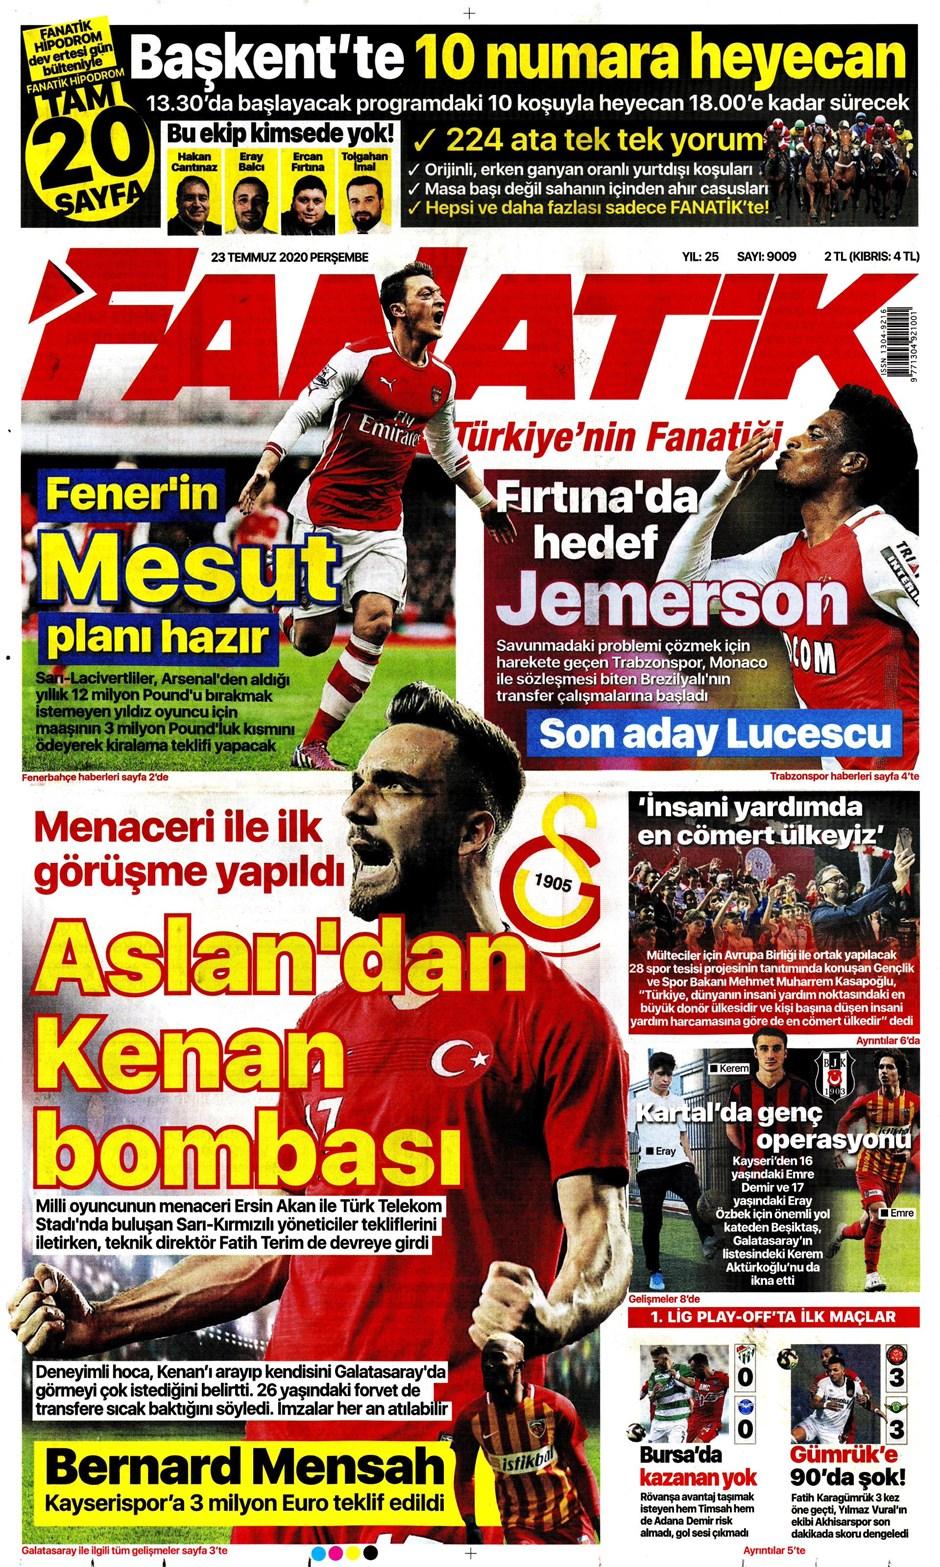 İşte 23 Temmuz günün spor manşetleri! Haftanın önemli spor gelişmeleri 9